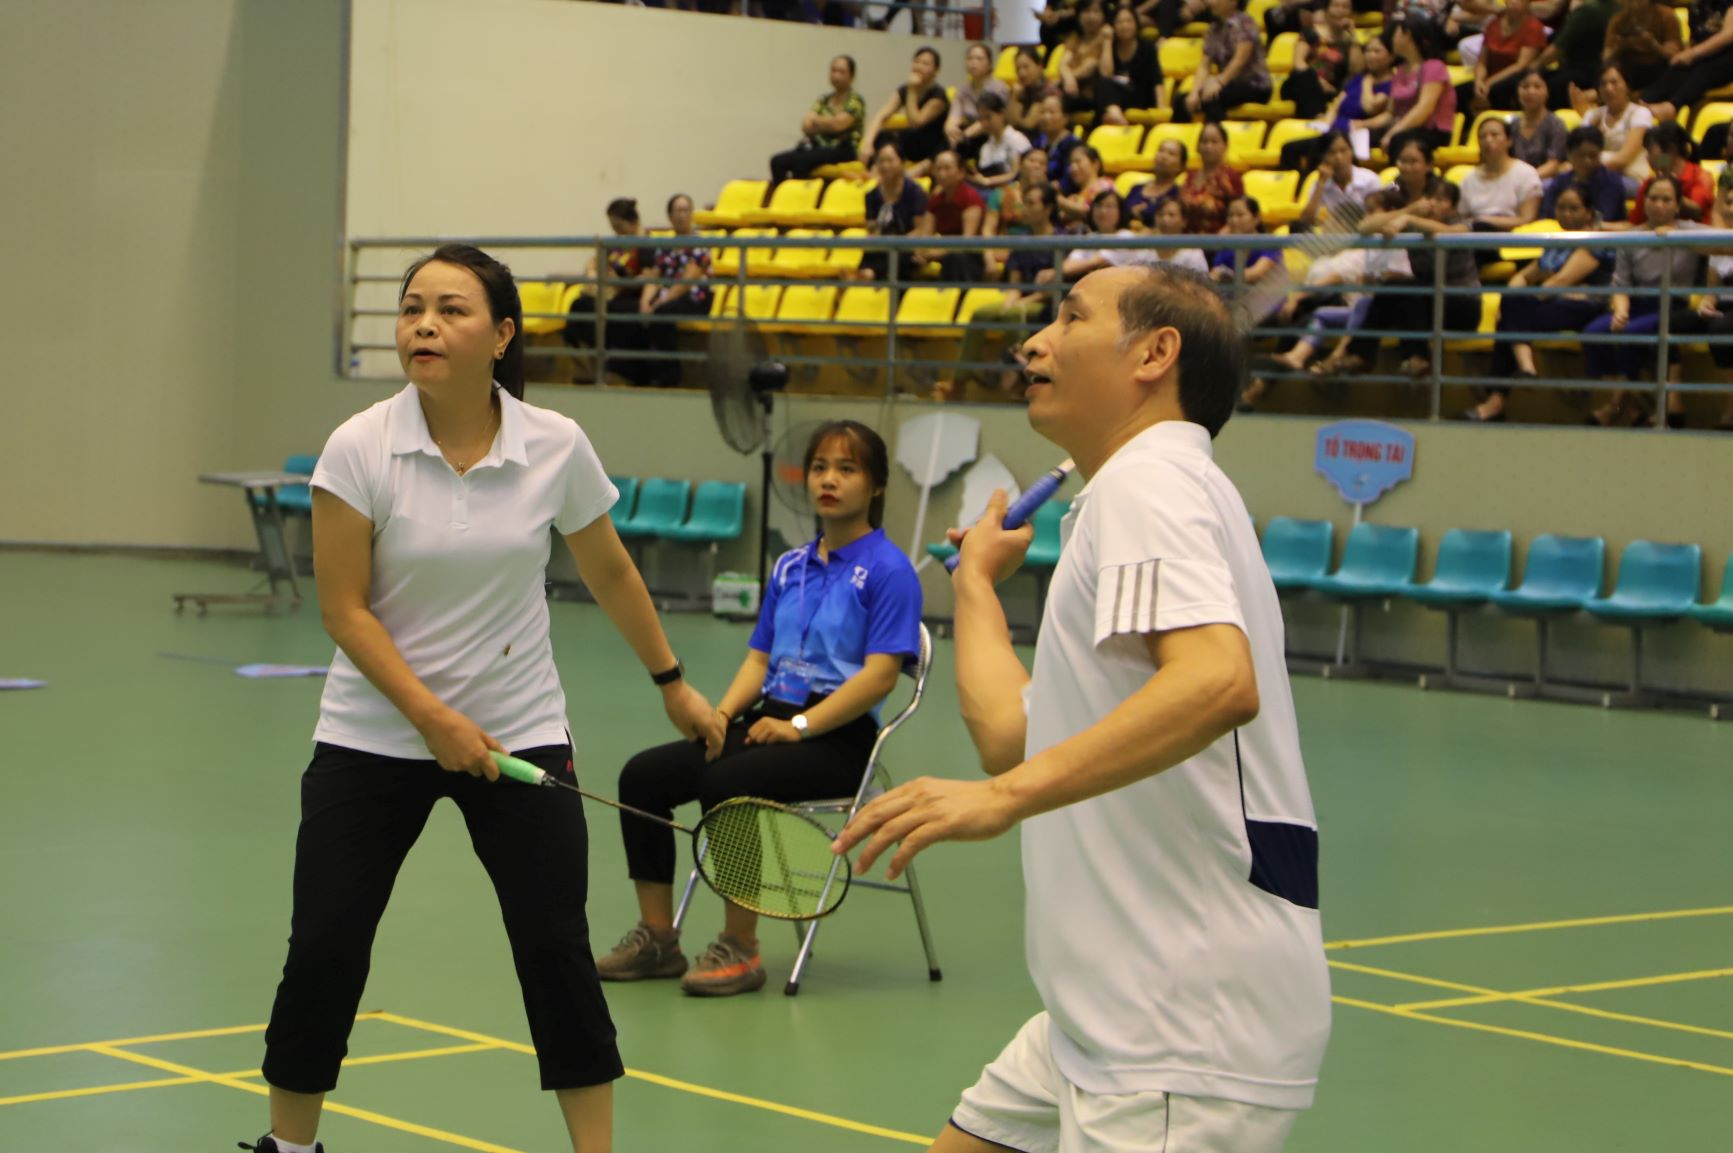 Trong khi đó, vận động viên Nguyễn Thị Thu Hà cũng có nhiều pha phối hợp cầu ăn ý với đồng đội của mình.